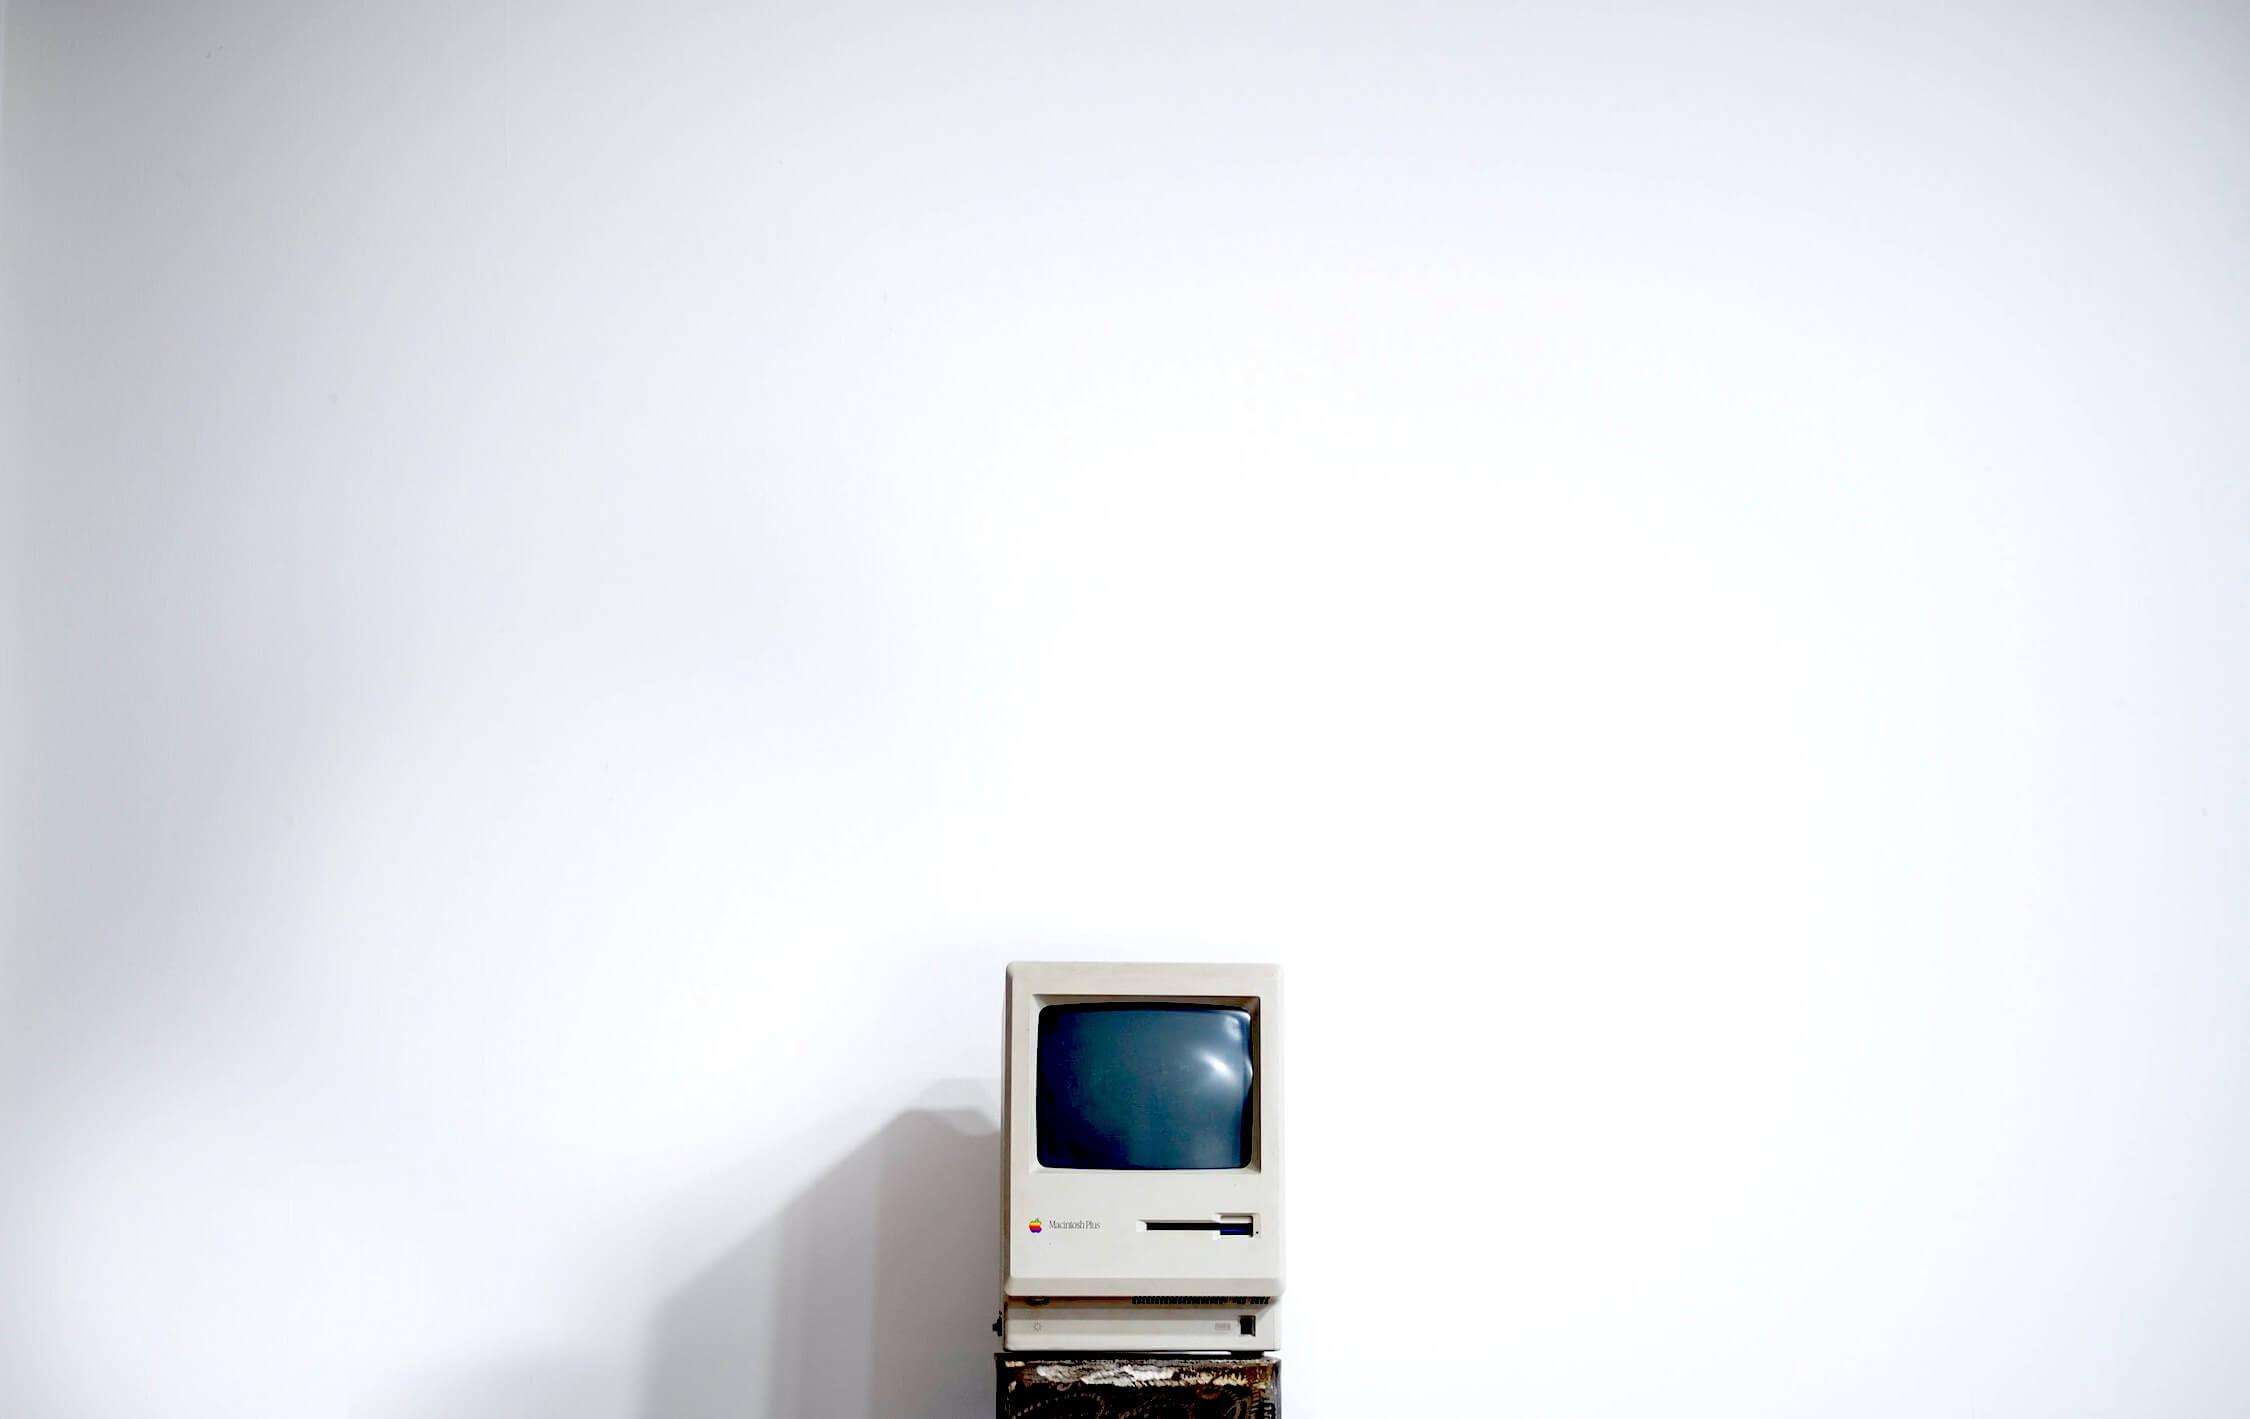 История образовательного ПО: развитие персональных компьютеров и виртуальные преподаватели - 1